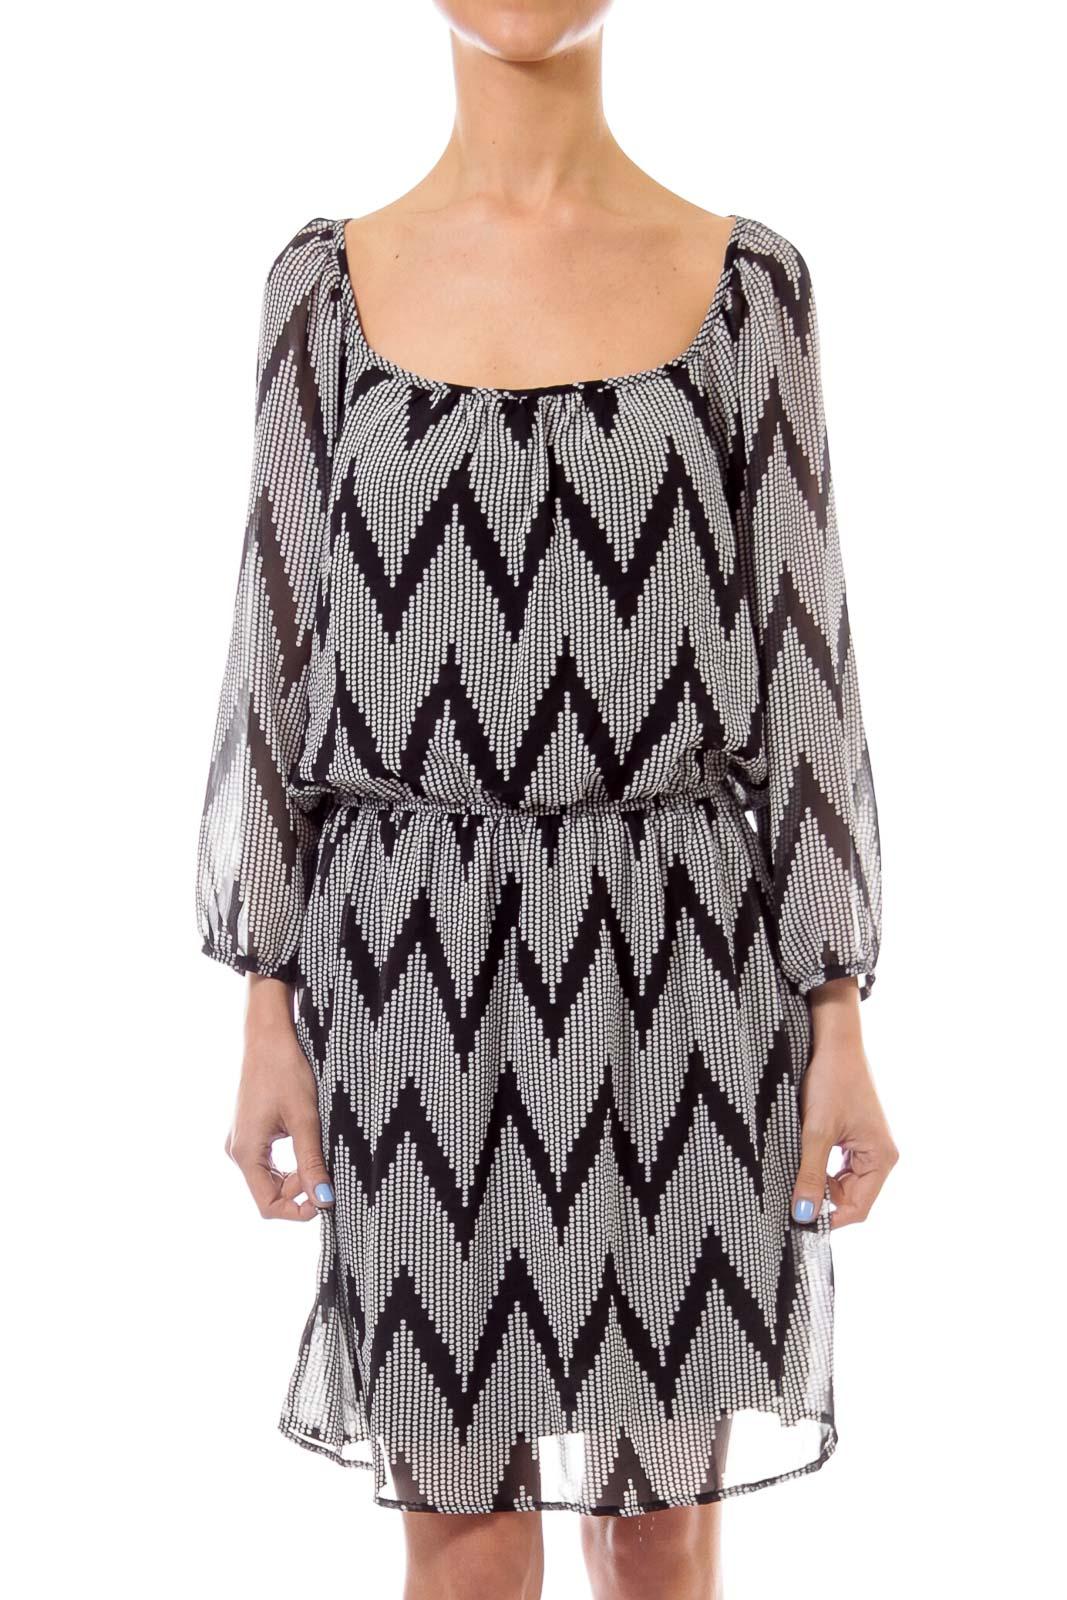 Black & White Zig Zag Print Dress Front